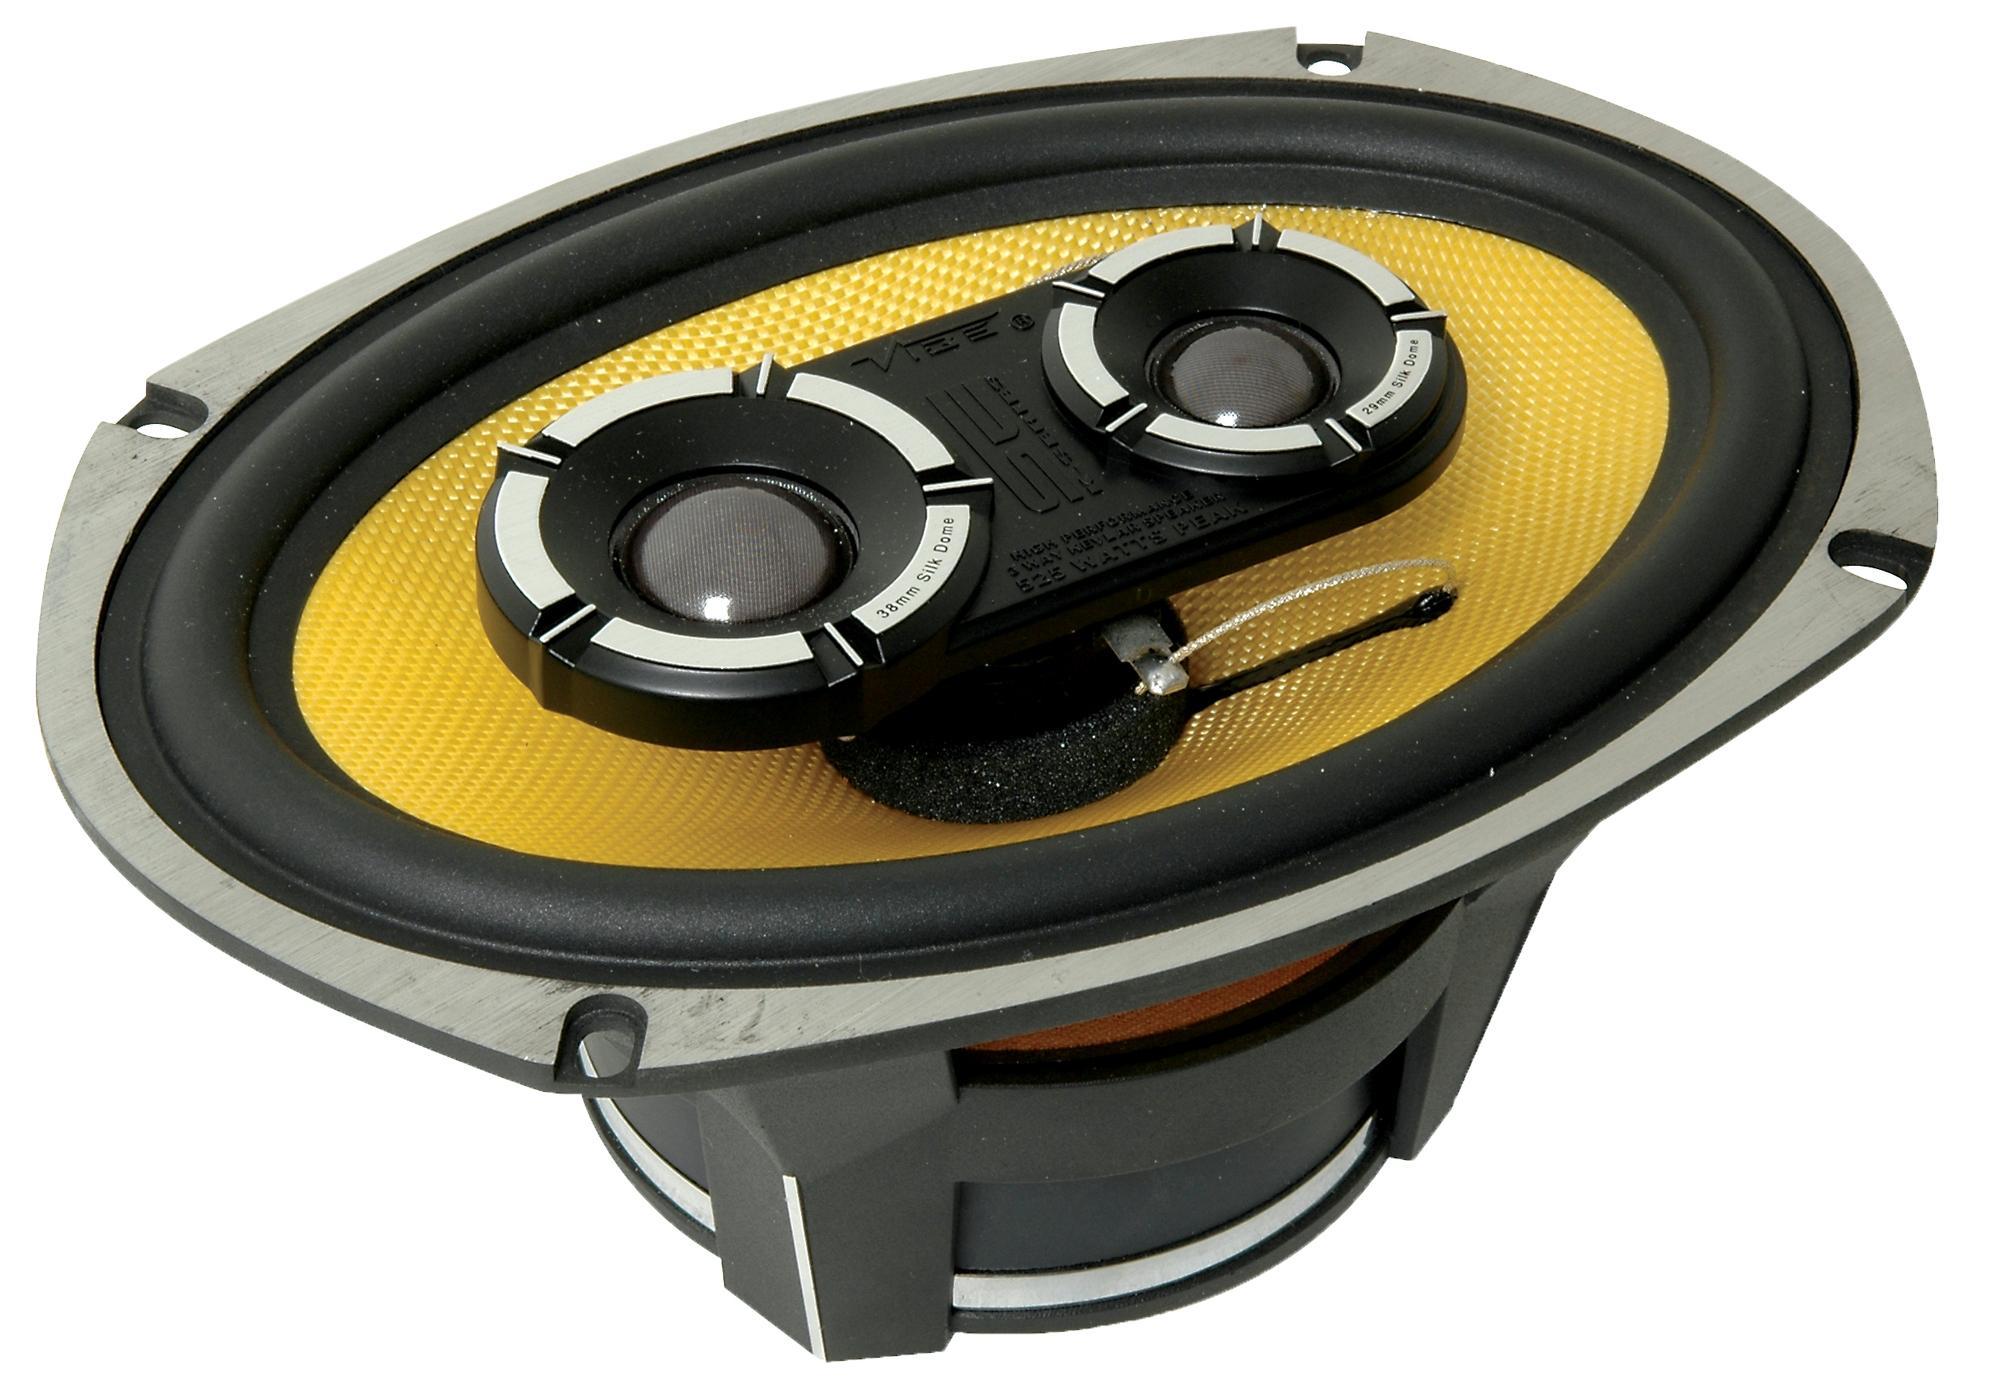 Vibe Blackair69 6x9 3 Way Car Audio Stereo Coaxial Speakers 175w Amp Wiring Kit Halfords Rms 525w Peak